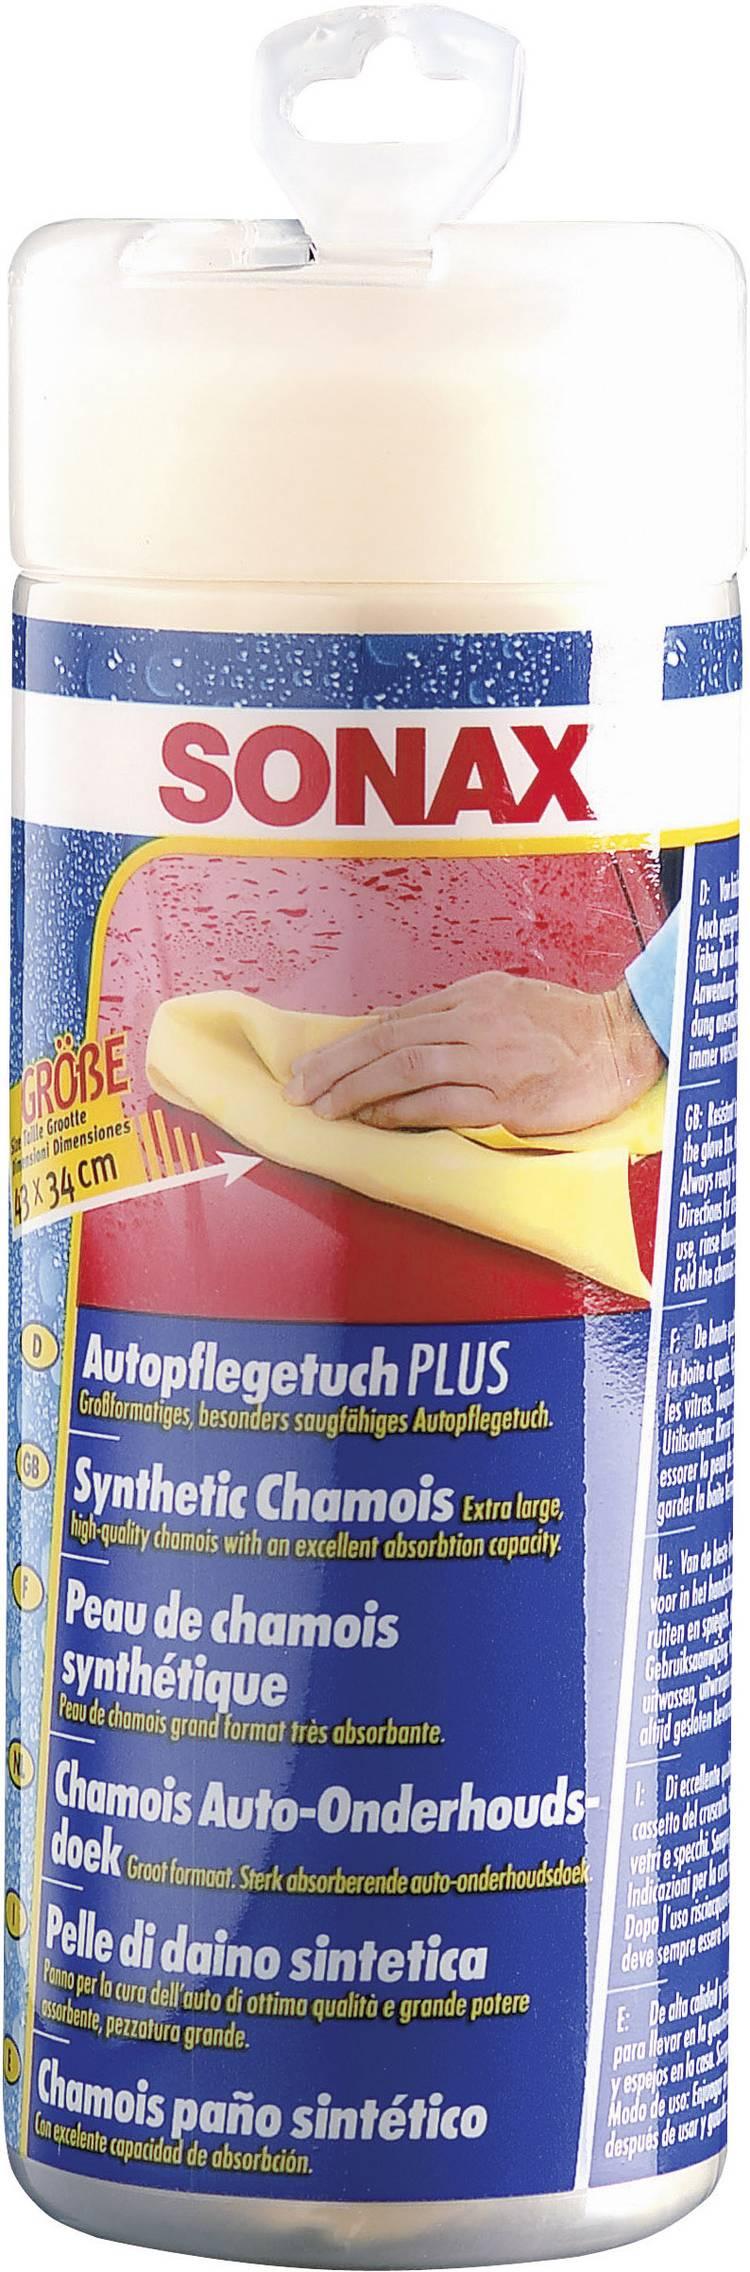 Sonax 417700 Auto-onderhoudsdoek Plus 1 stuks